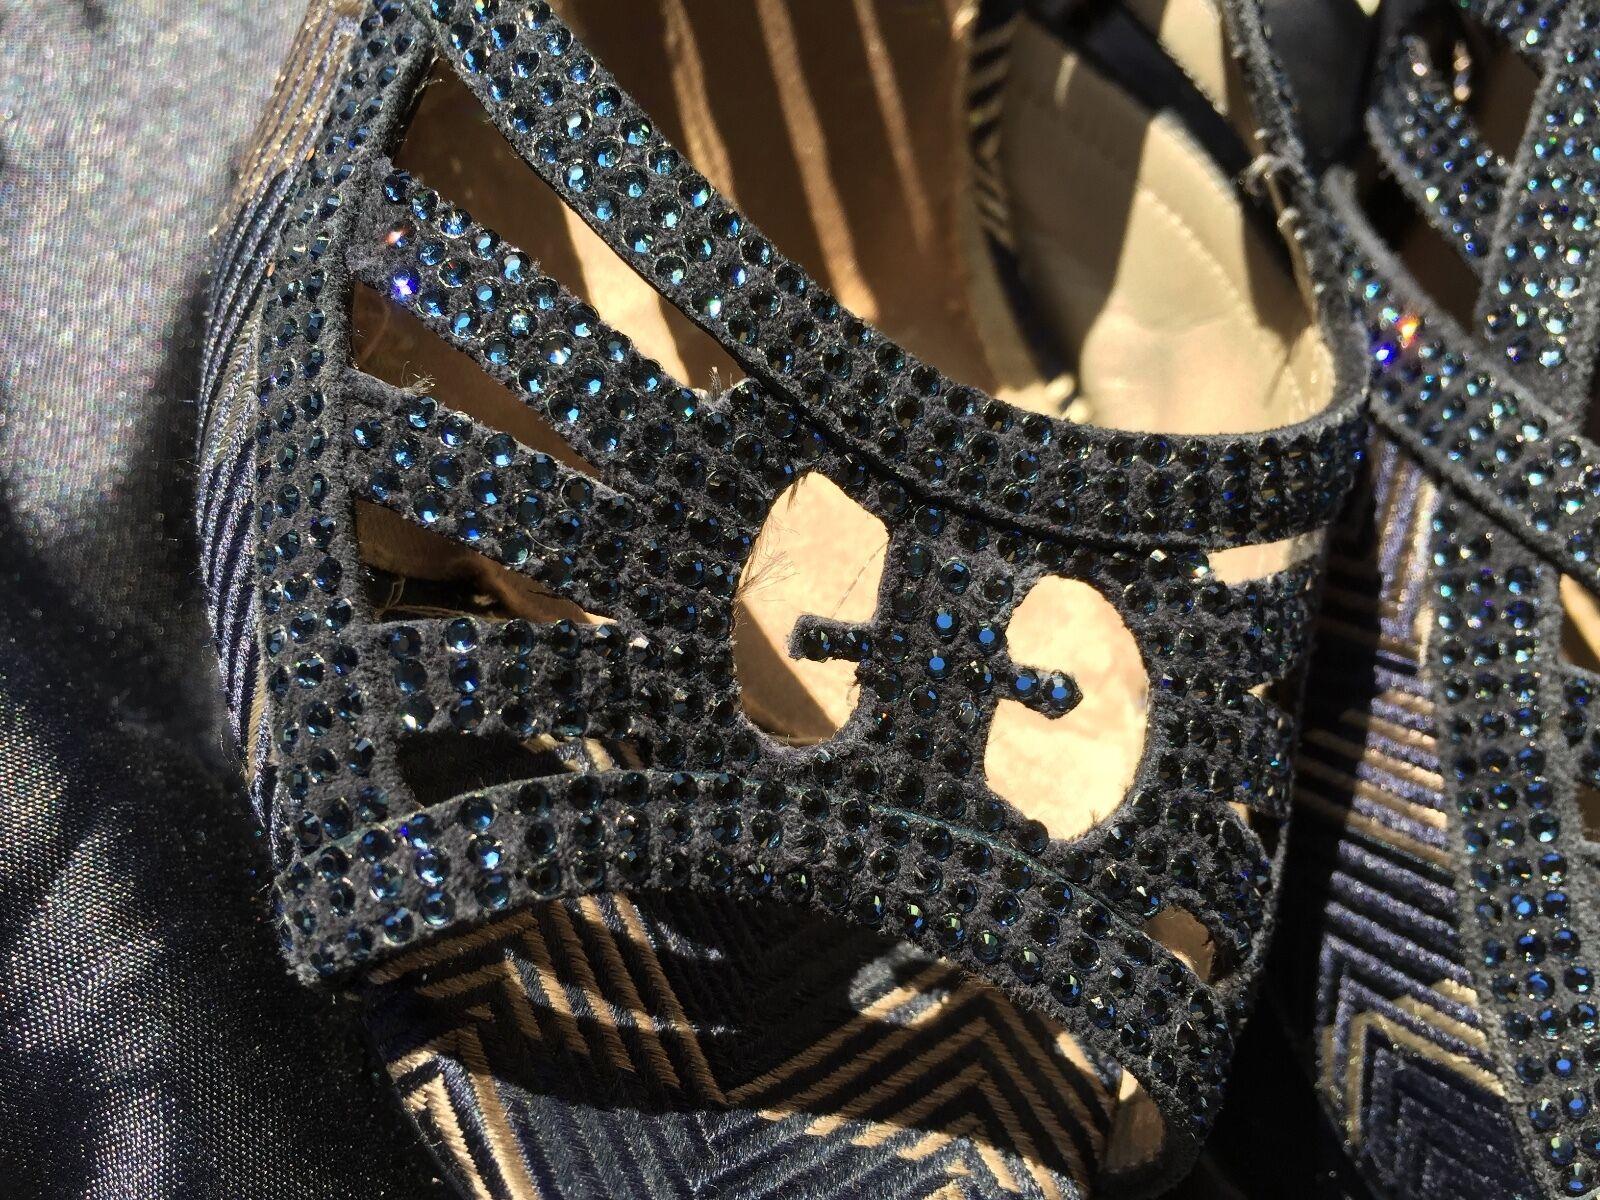 shoes sandali Fabi shoes in Swarovksy Swarovksy Swarovksy tg. 38 - Fabi woman shoes with Swarovski 3b83f5